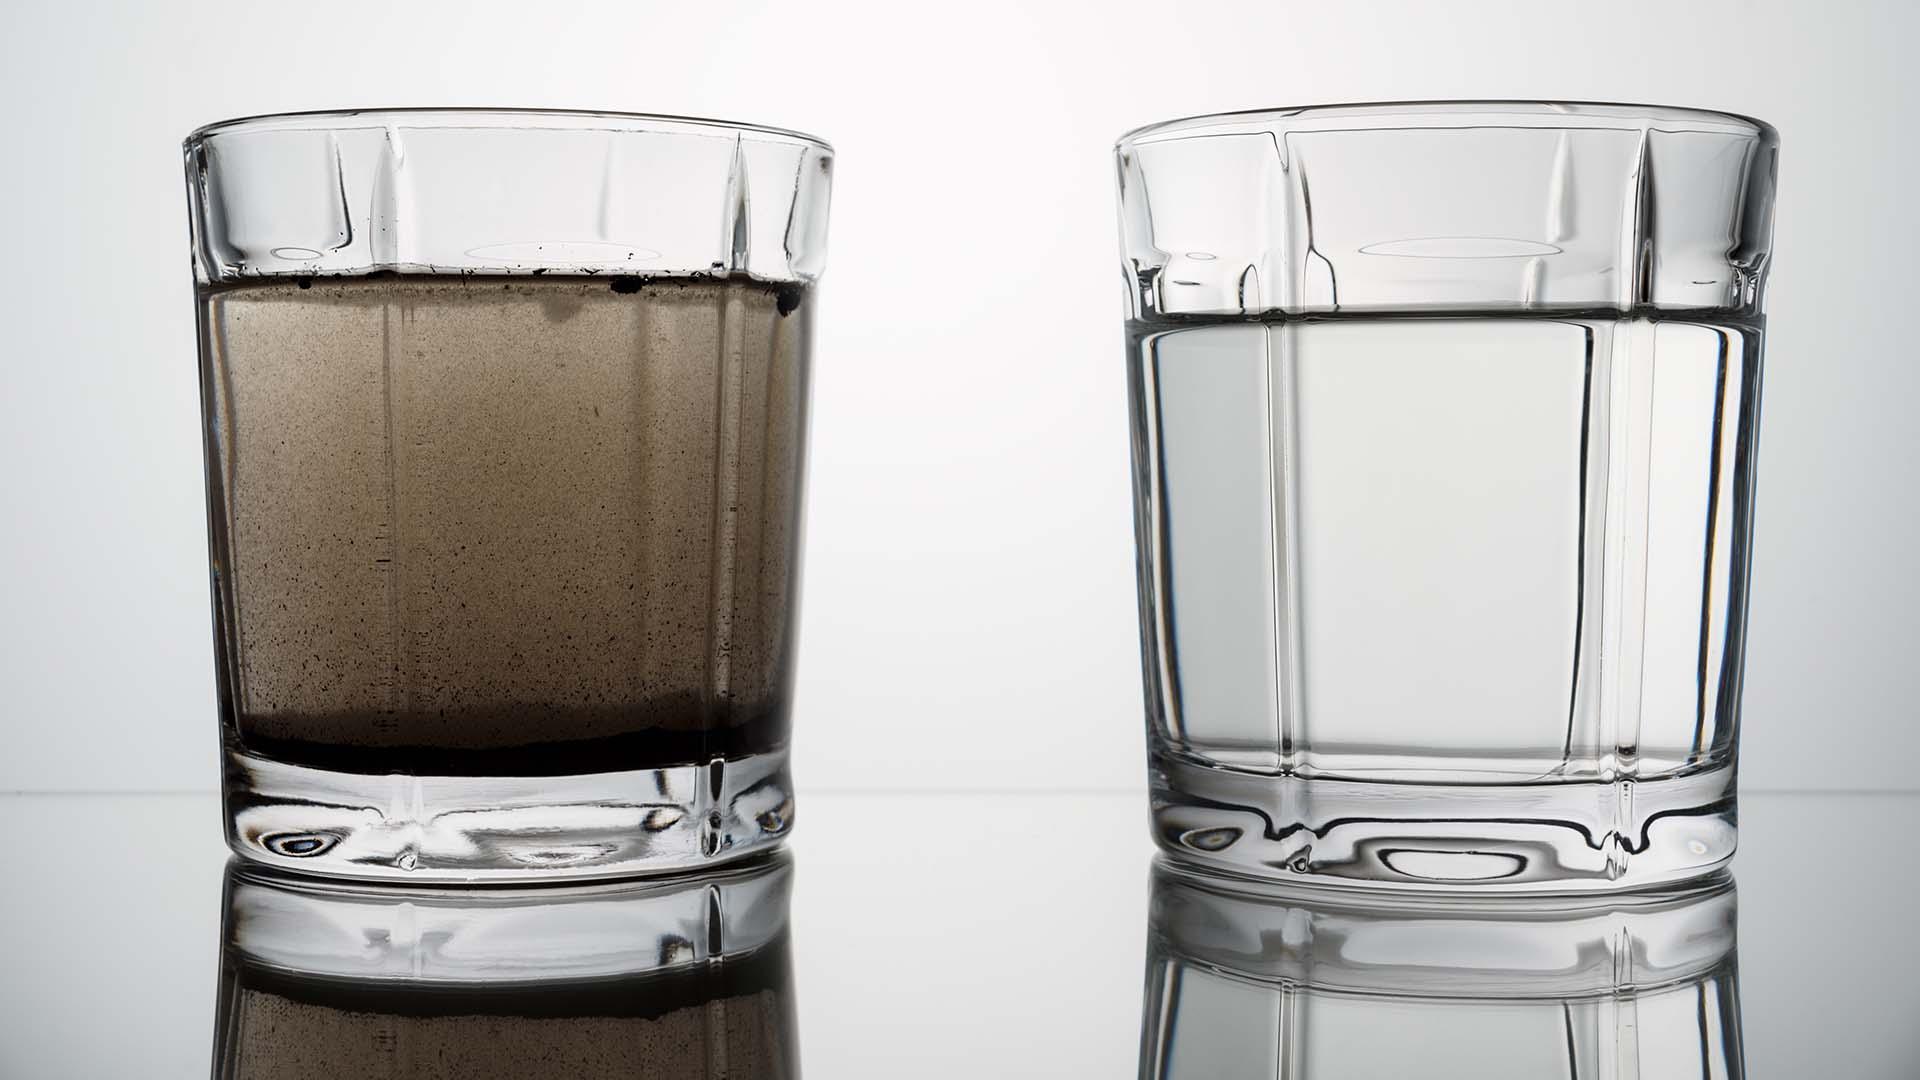 prøvetaking av drikkevann